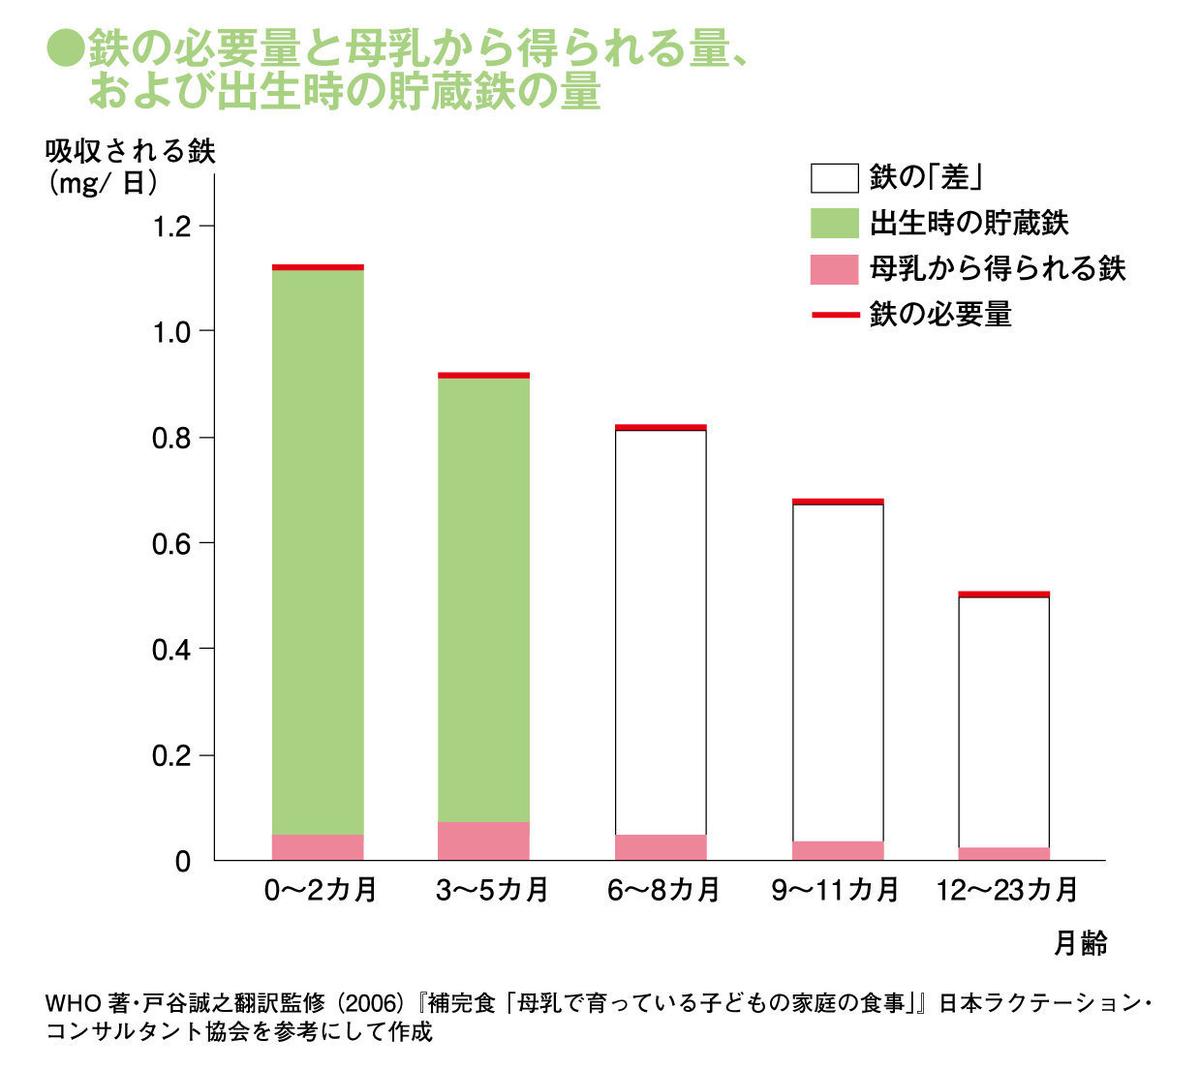 f:id:tatekawatsuyoshi:20210614151851j:plain